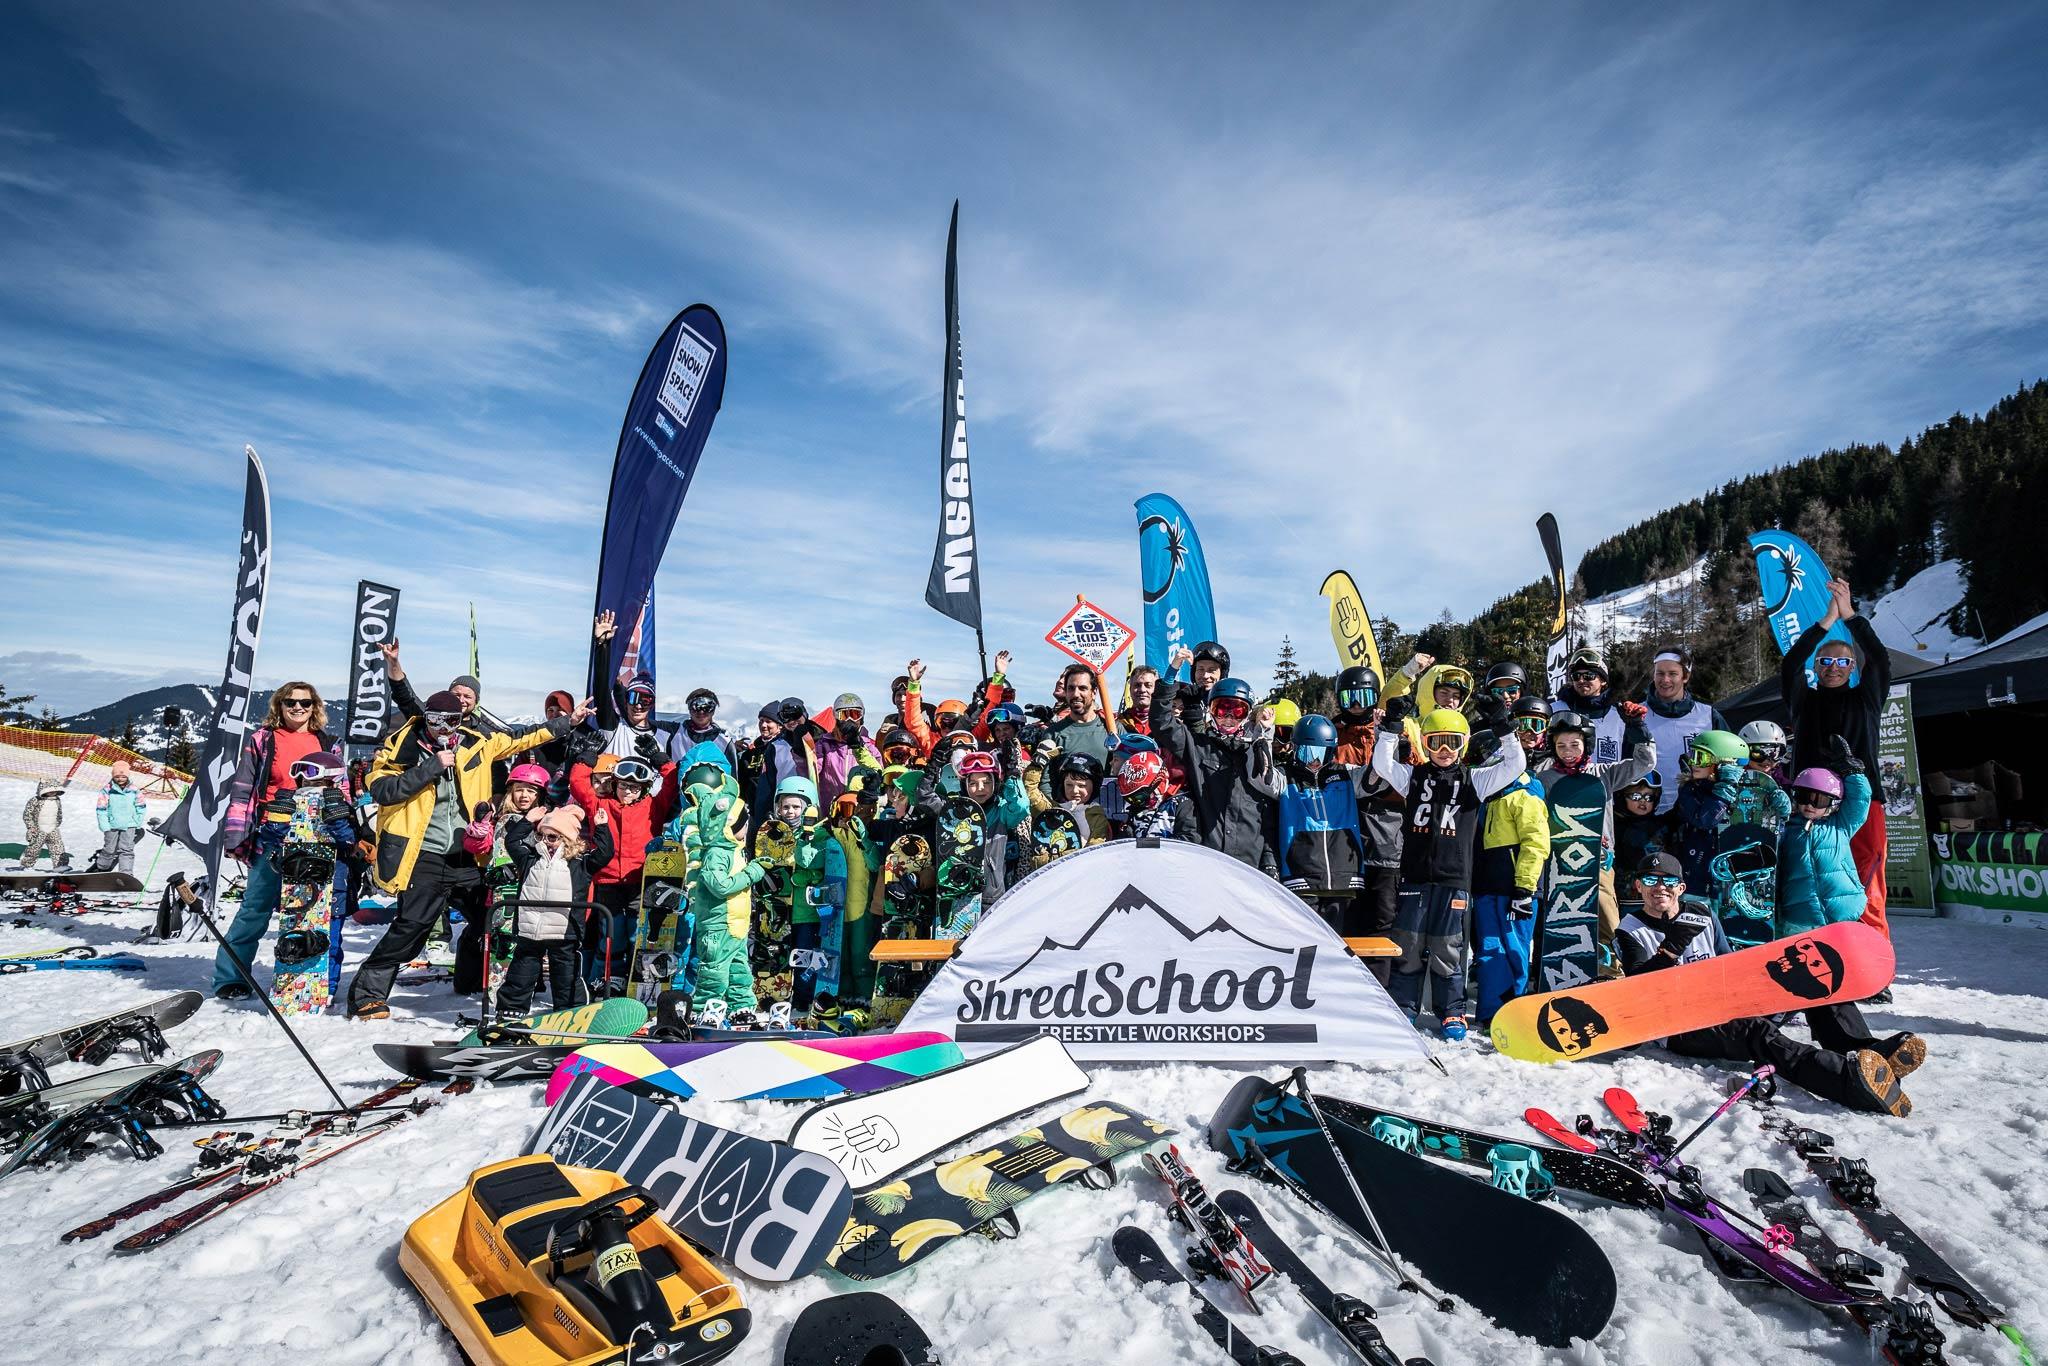 Rund 200 Freestyle begeisterte Kinder und Eltern waren beim Family Freestyle Weekend 2019 am Start - Foto: Gert Perauer